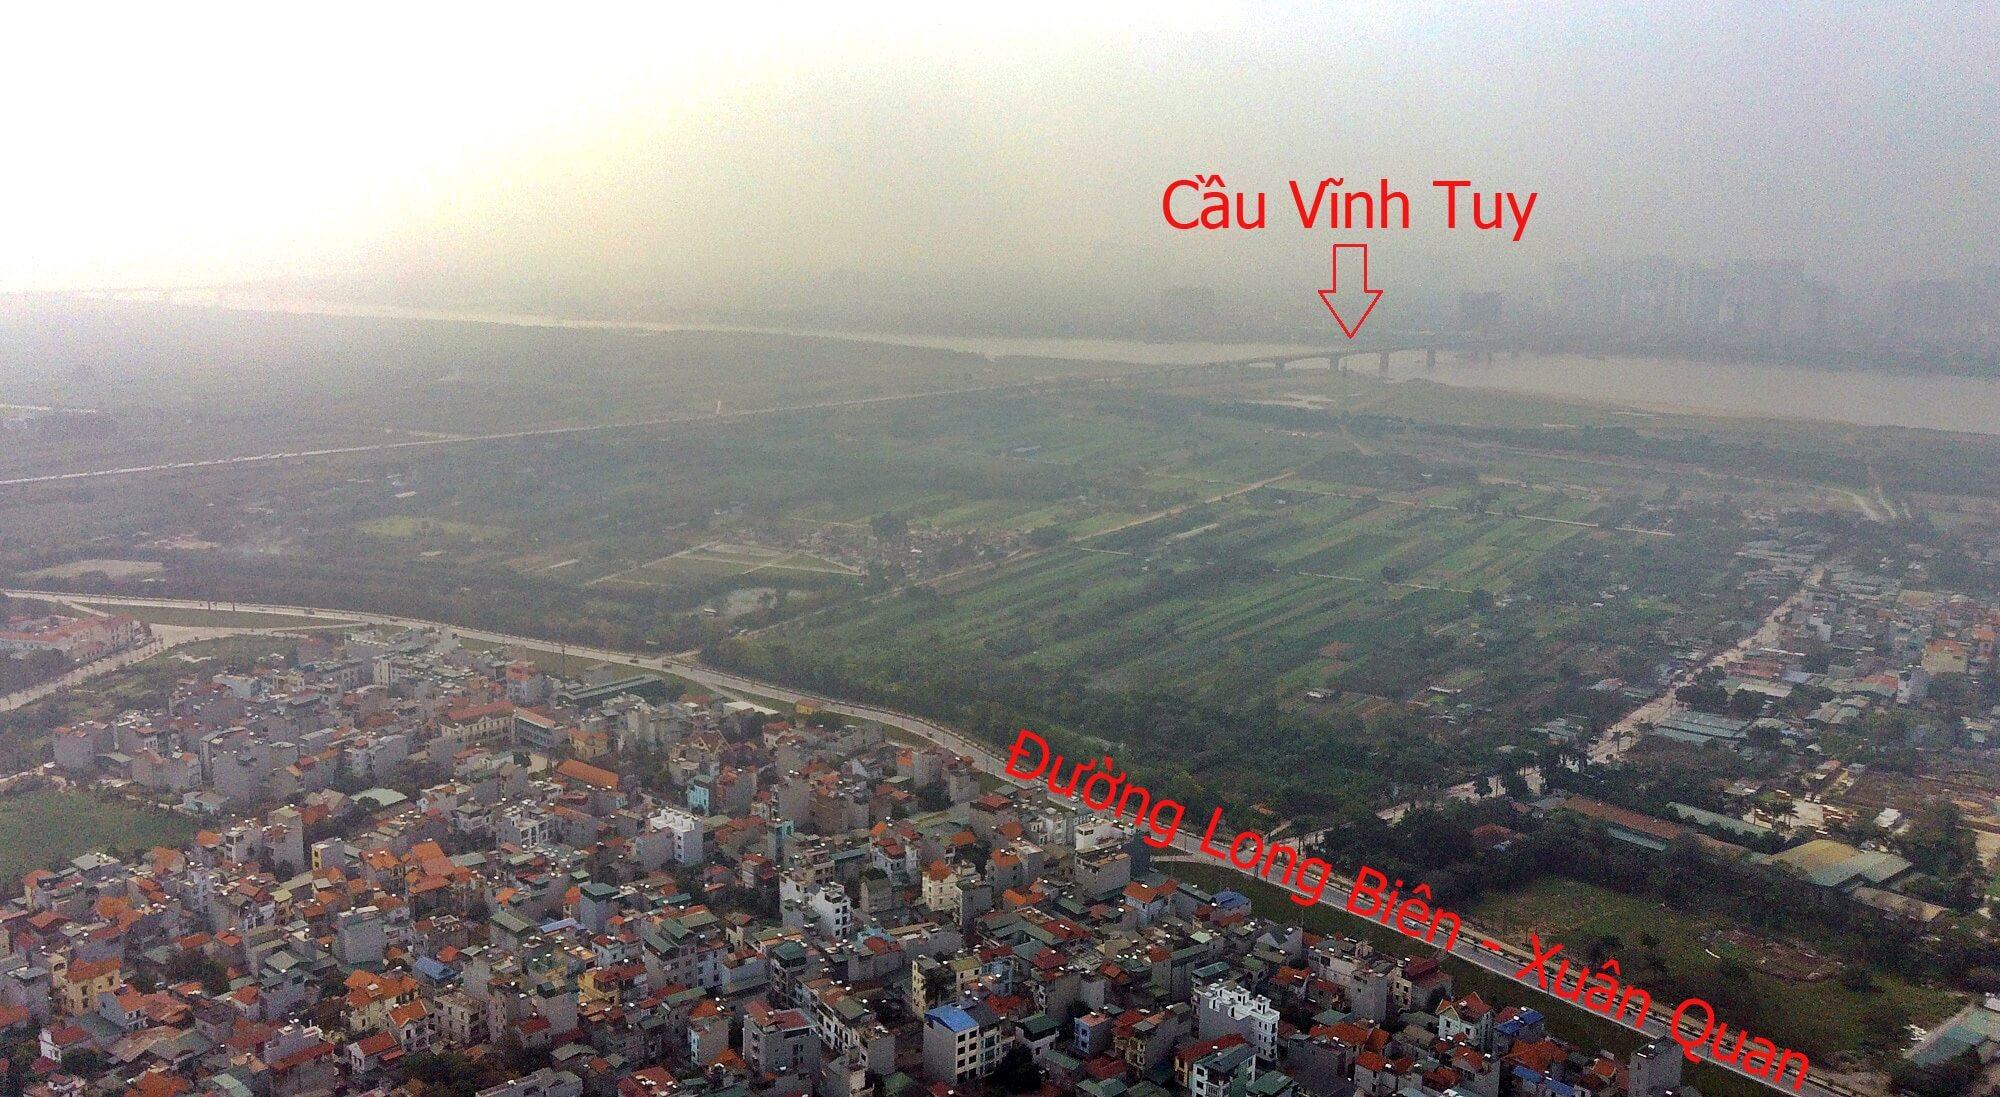 Hầm/cầu Trần Hưng Đạo cũng nằm gần với cầu Vĩnh Tuy.